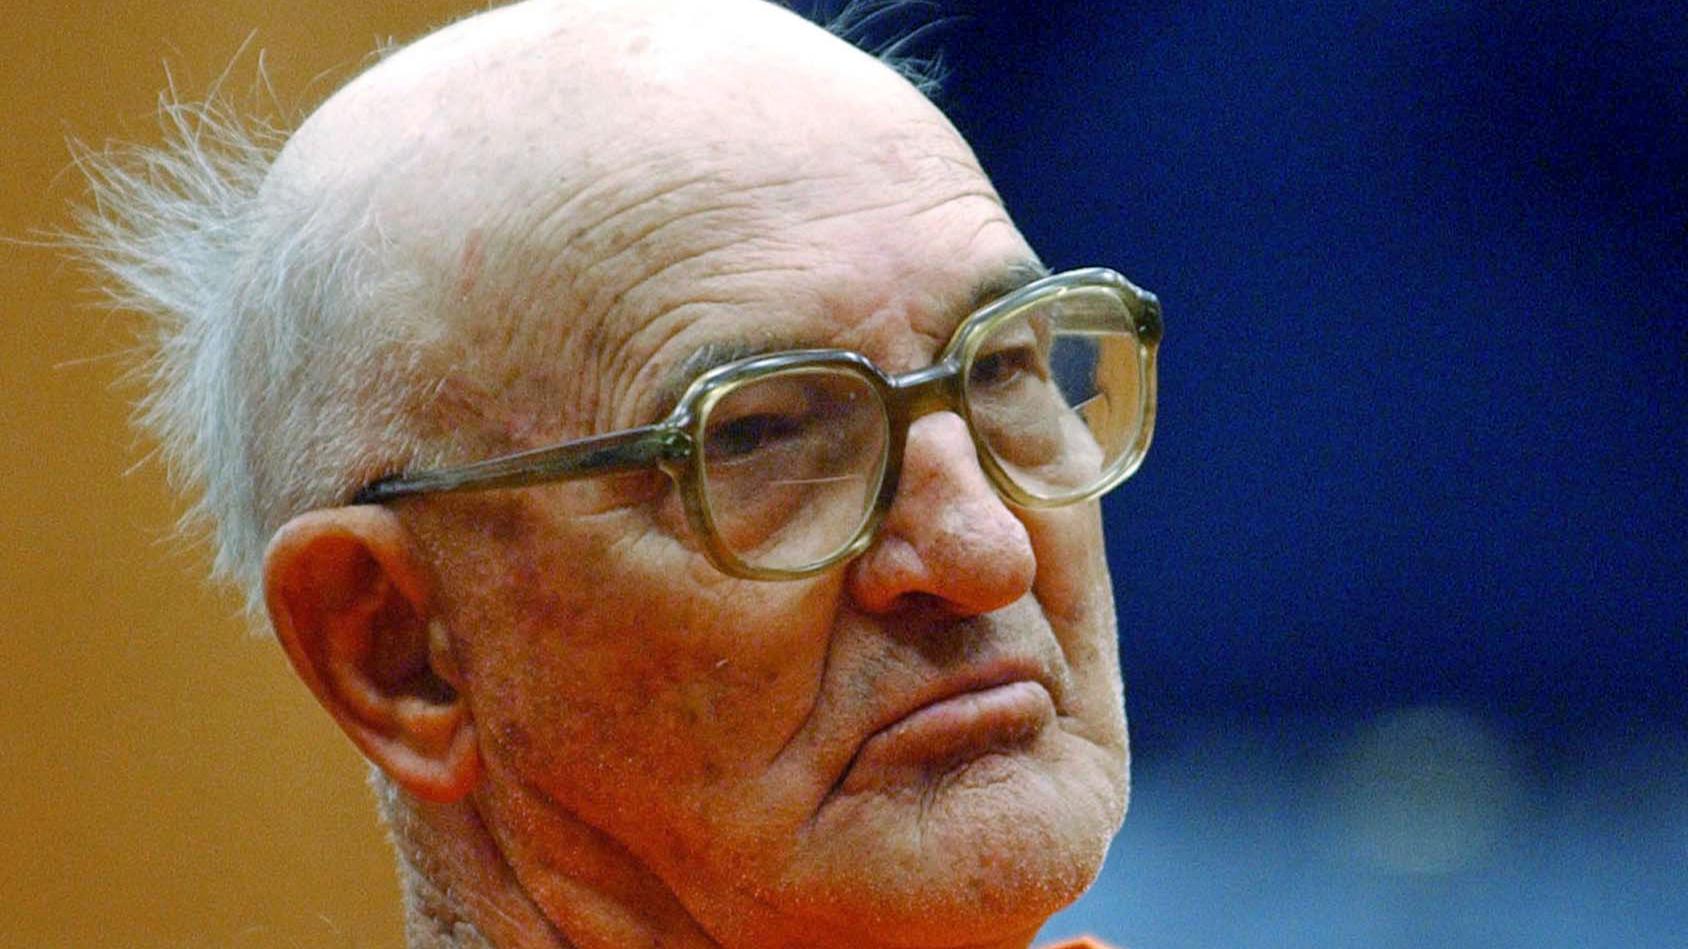 Former Ku Klux Klan Recruiter Edgar Ray Killen Dies In Prison